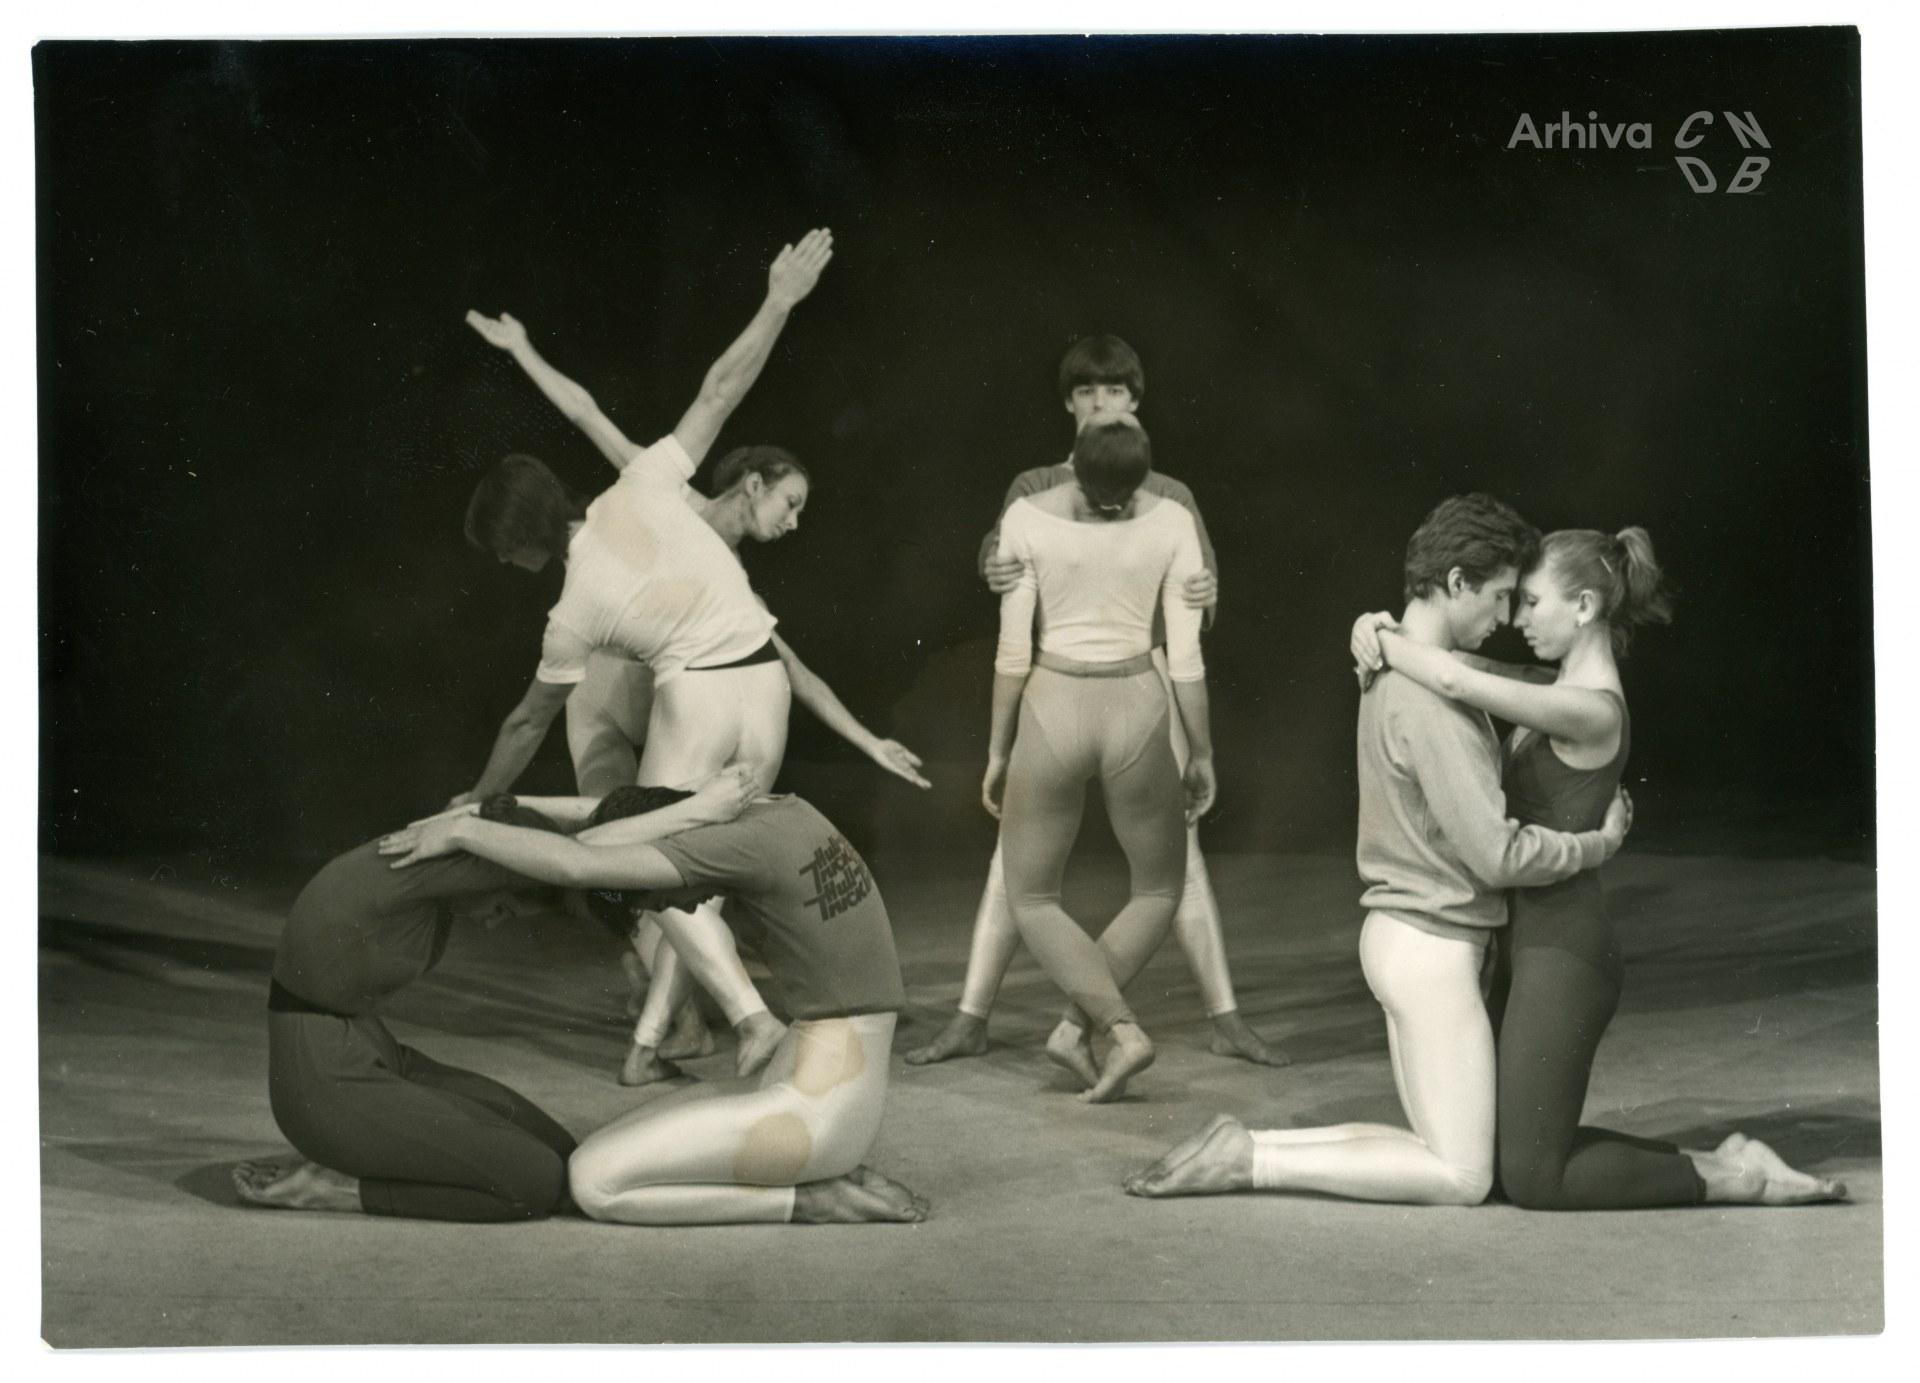 ©Arhiva CNDB (Orion Balet, Puntea, de Ioan Tugearu, 1990)